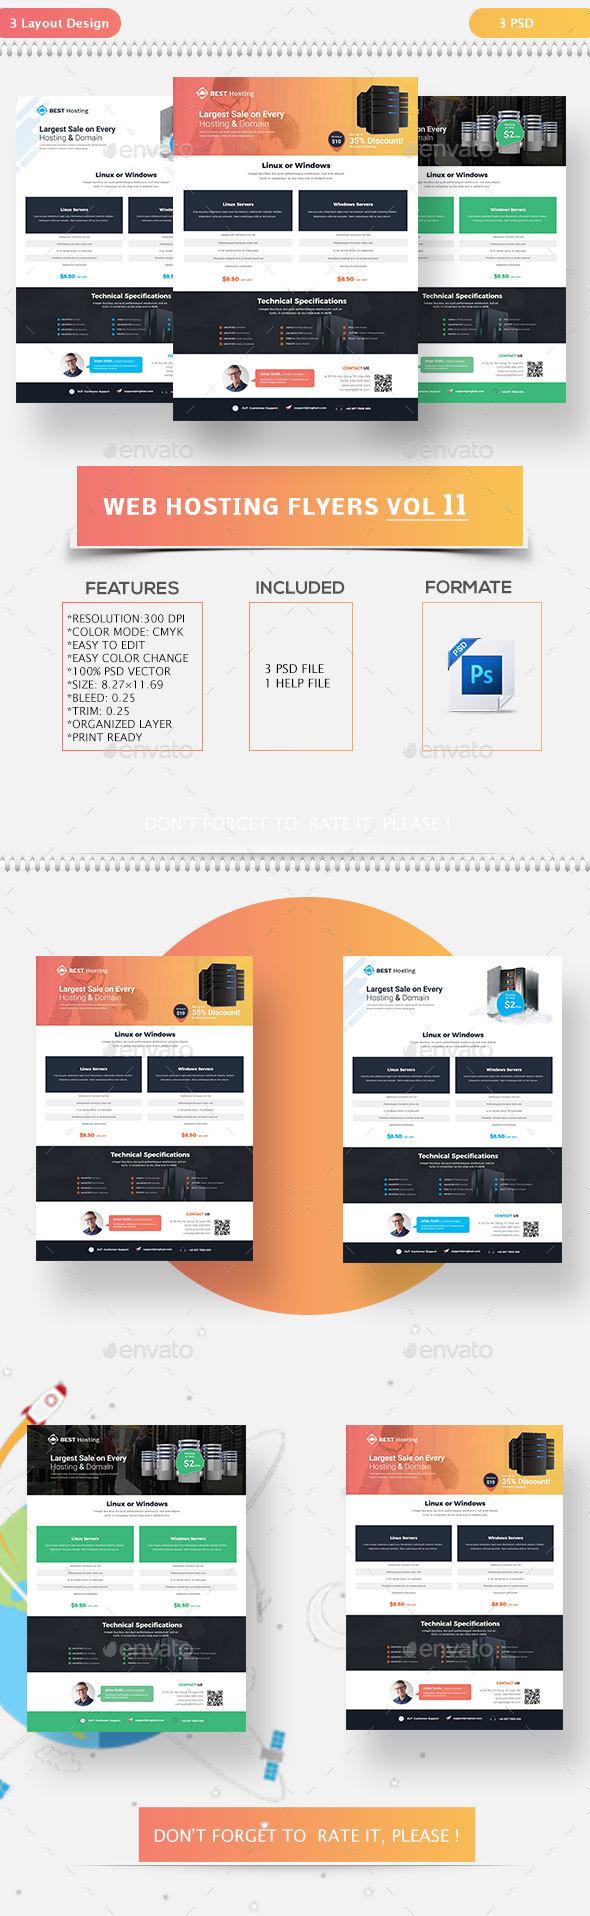 Web Hosting Flyers Vol-11 - Flyers Print Templates